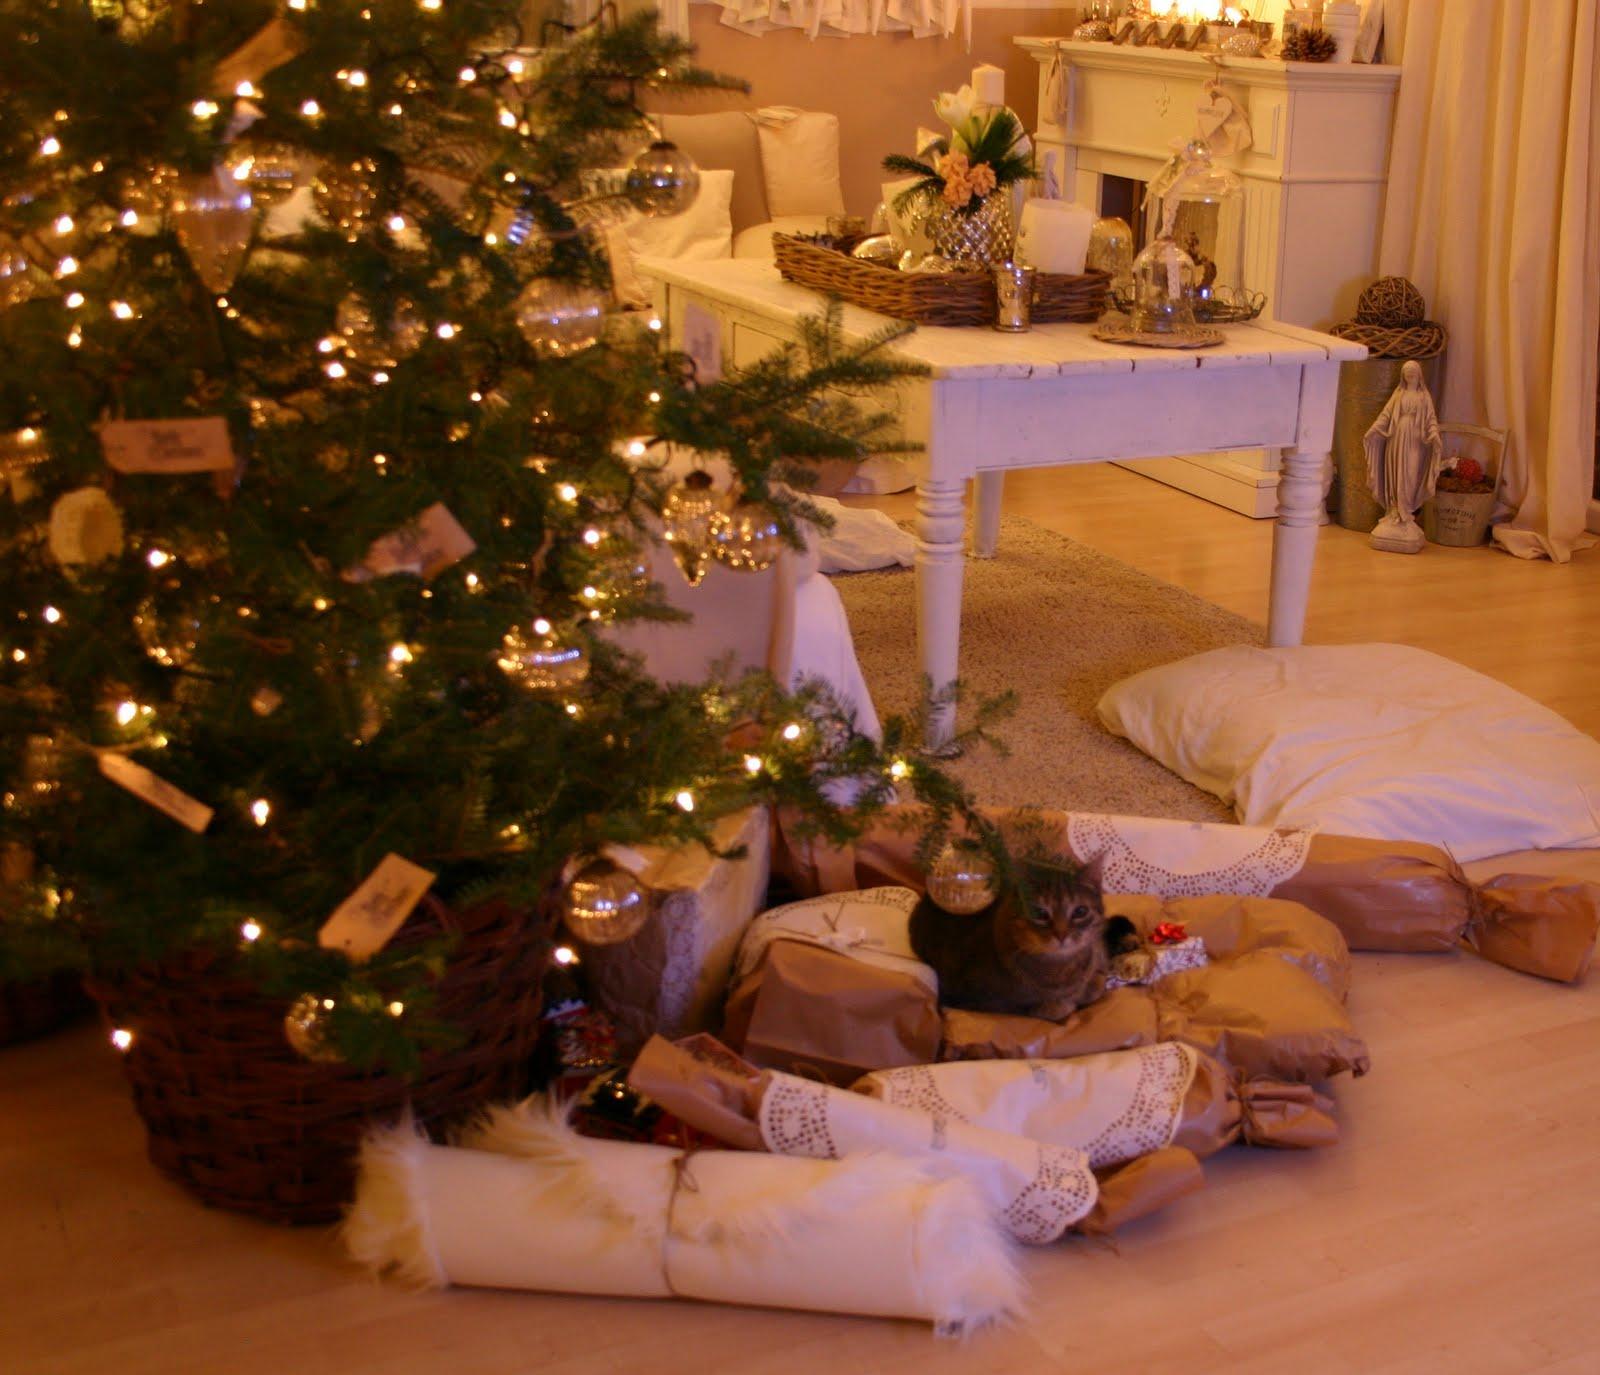 lovely vintage frohe weihnachten w nsche ich euch. Black Bedroom Furniture Sets. Home Design Ideas